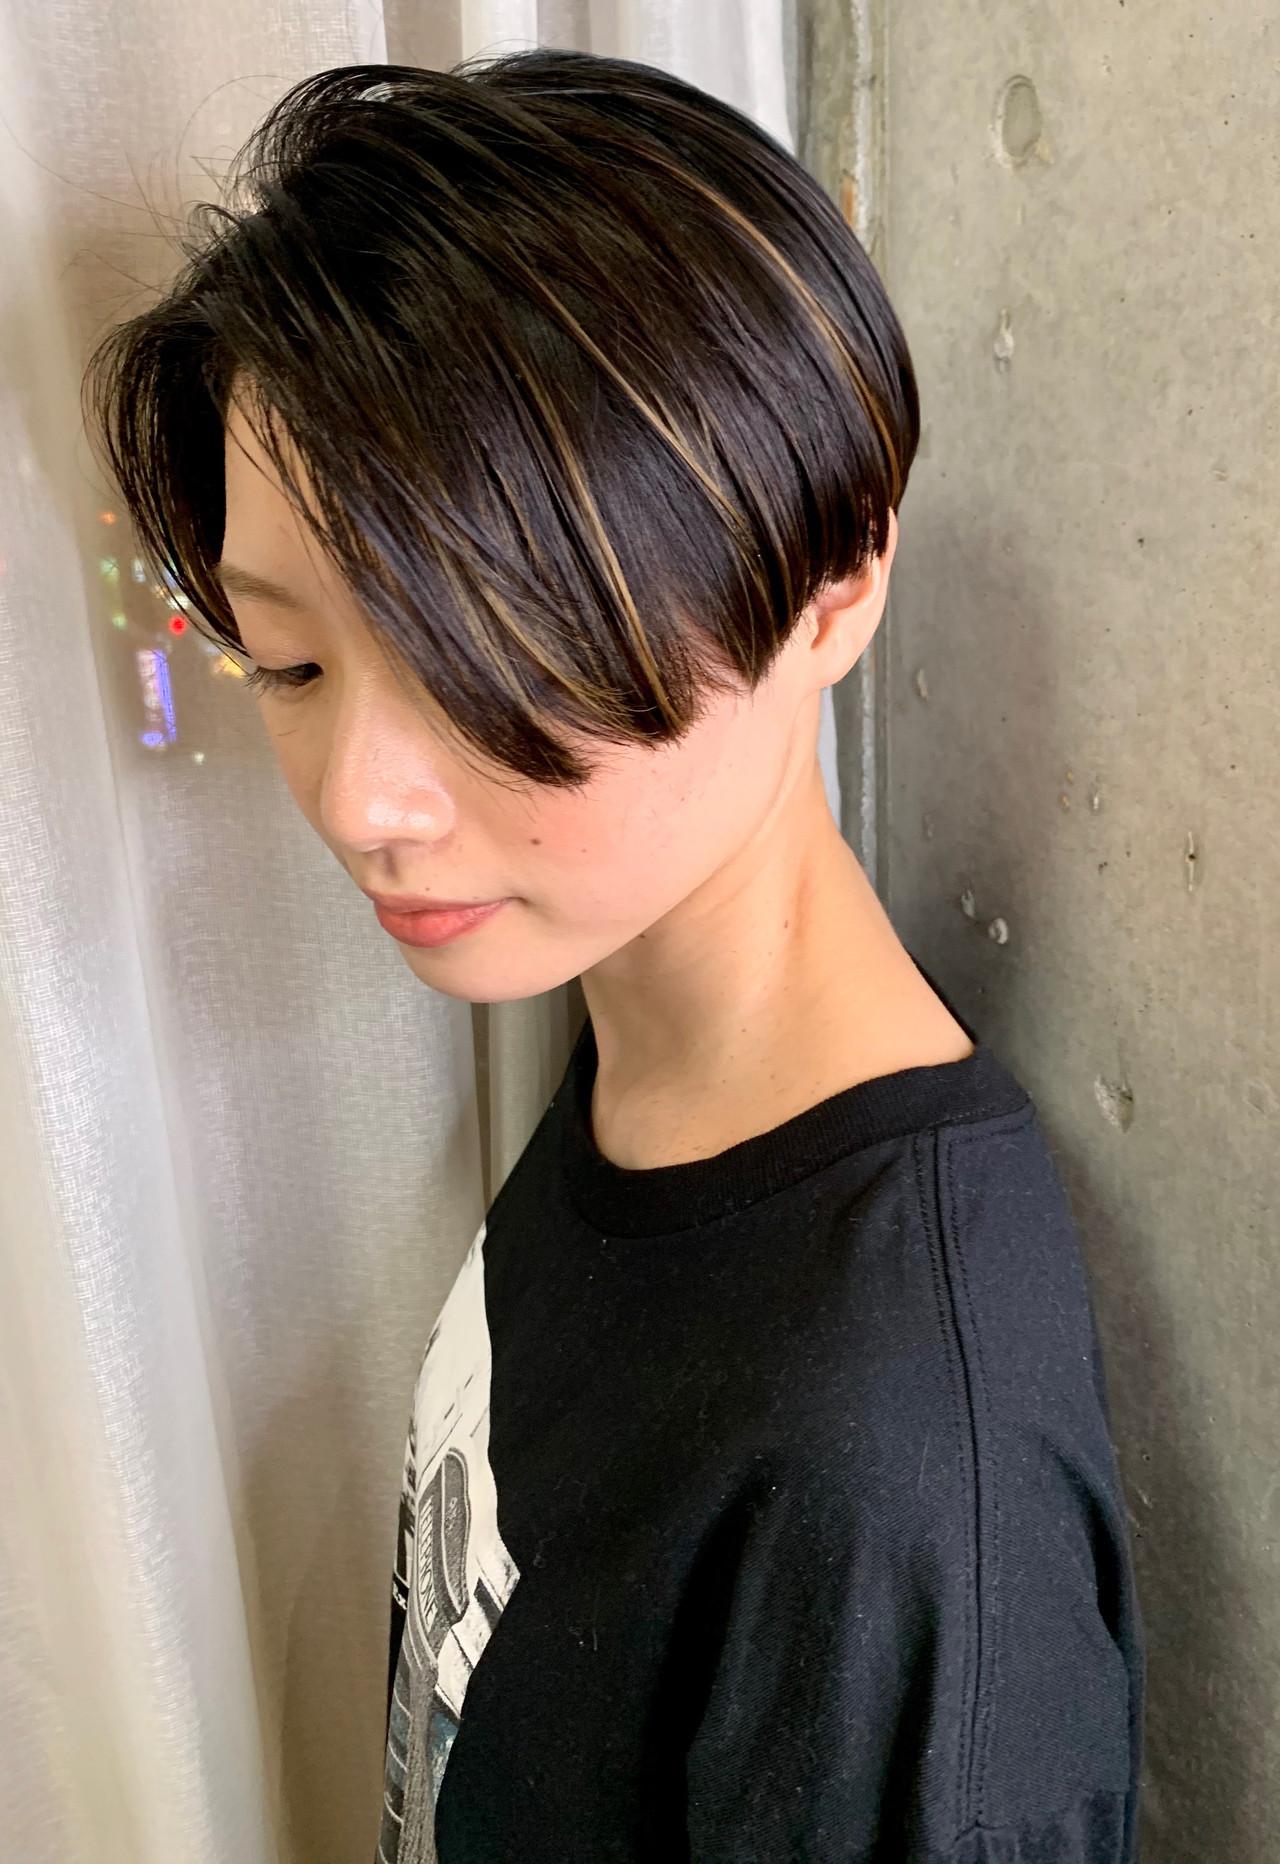 ベリーショート ショート モード ミニボブ ヘアスタイルや髪型の写真・画像